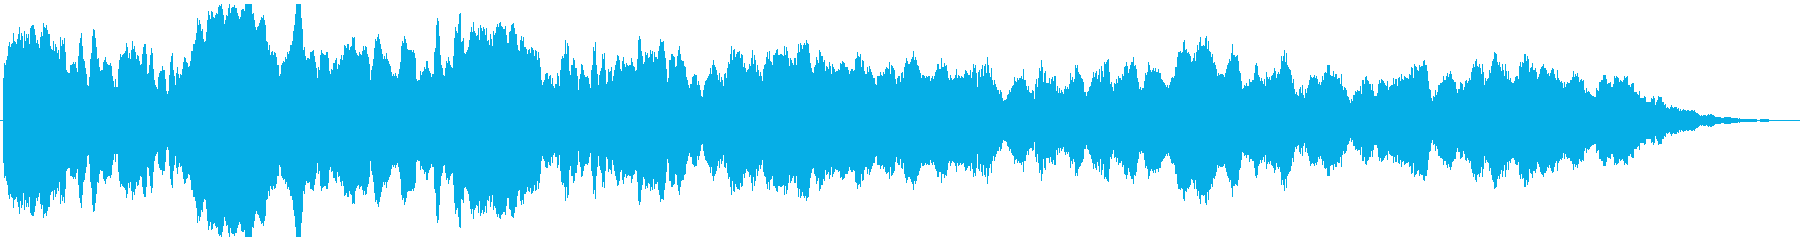 PADS プラックンクリーク01の再生済みの波形